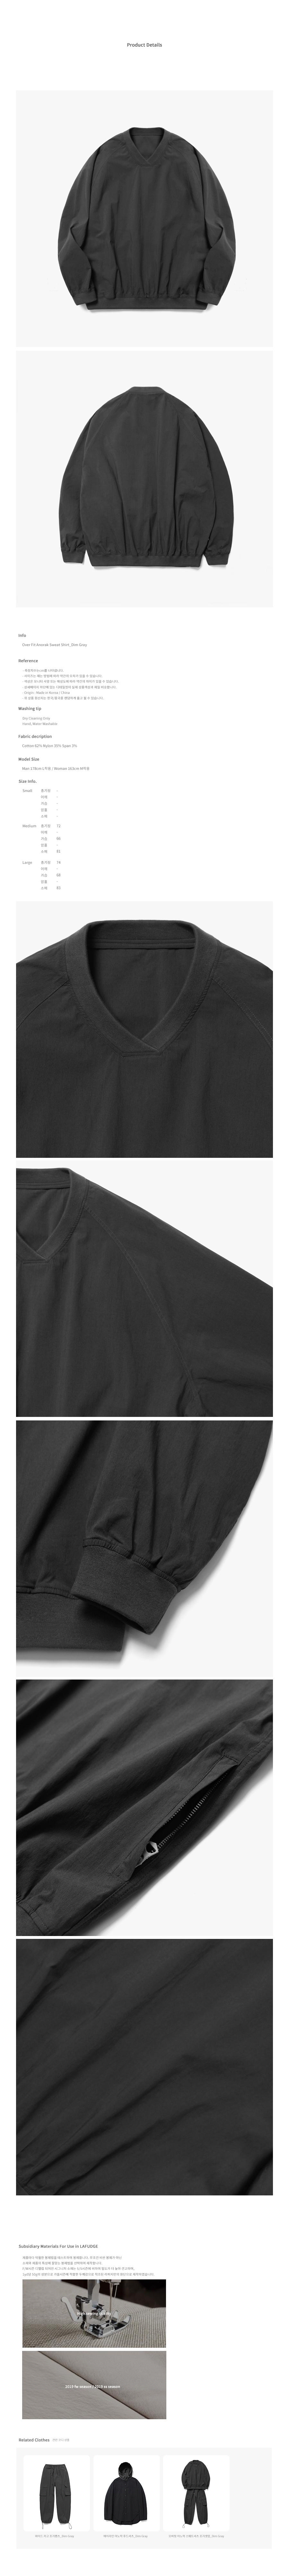 라퍼지스토어(LAFUDGESTORE) (Unisex)오버핏 아노락 스웨트셔츠_Dim Gray